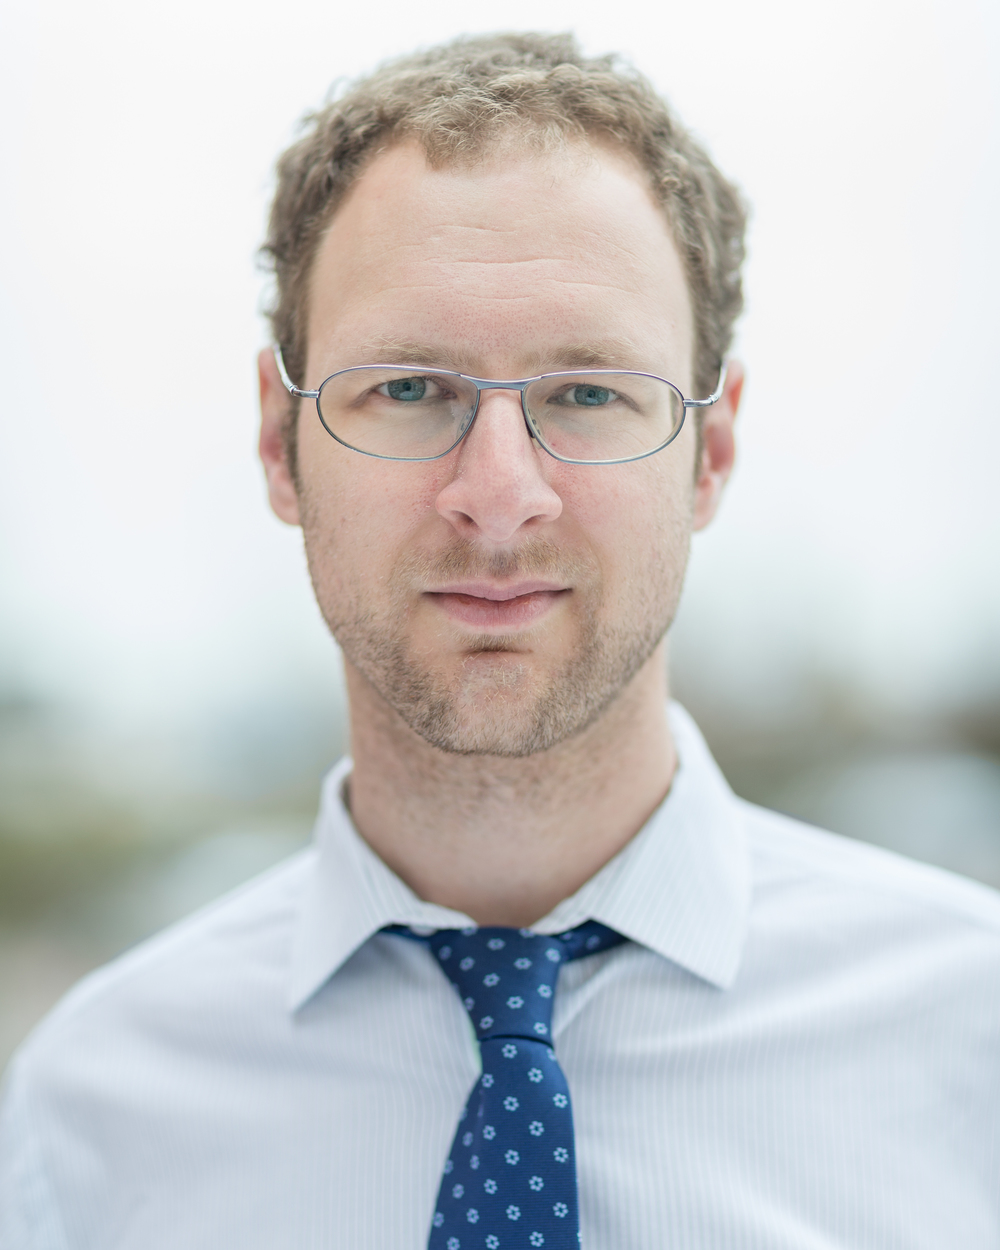 Erik Kravets, President